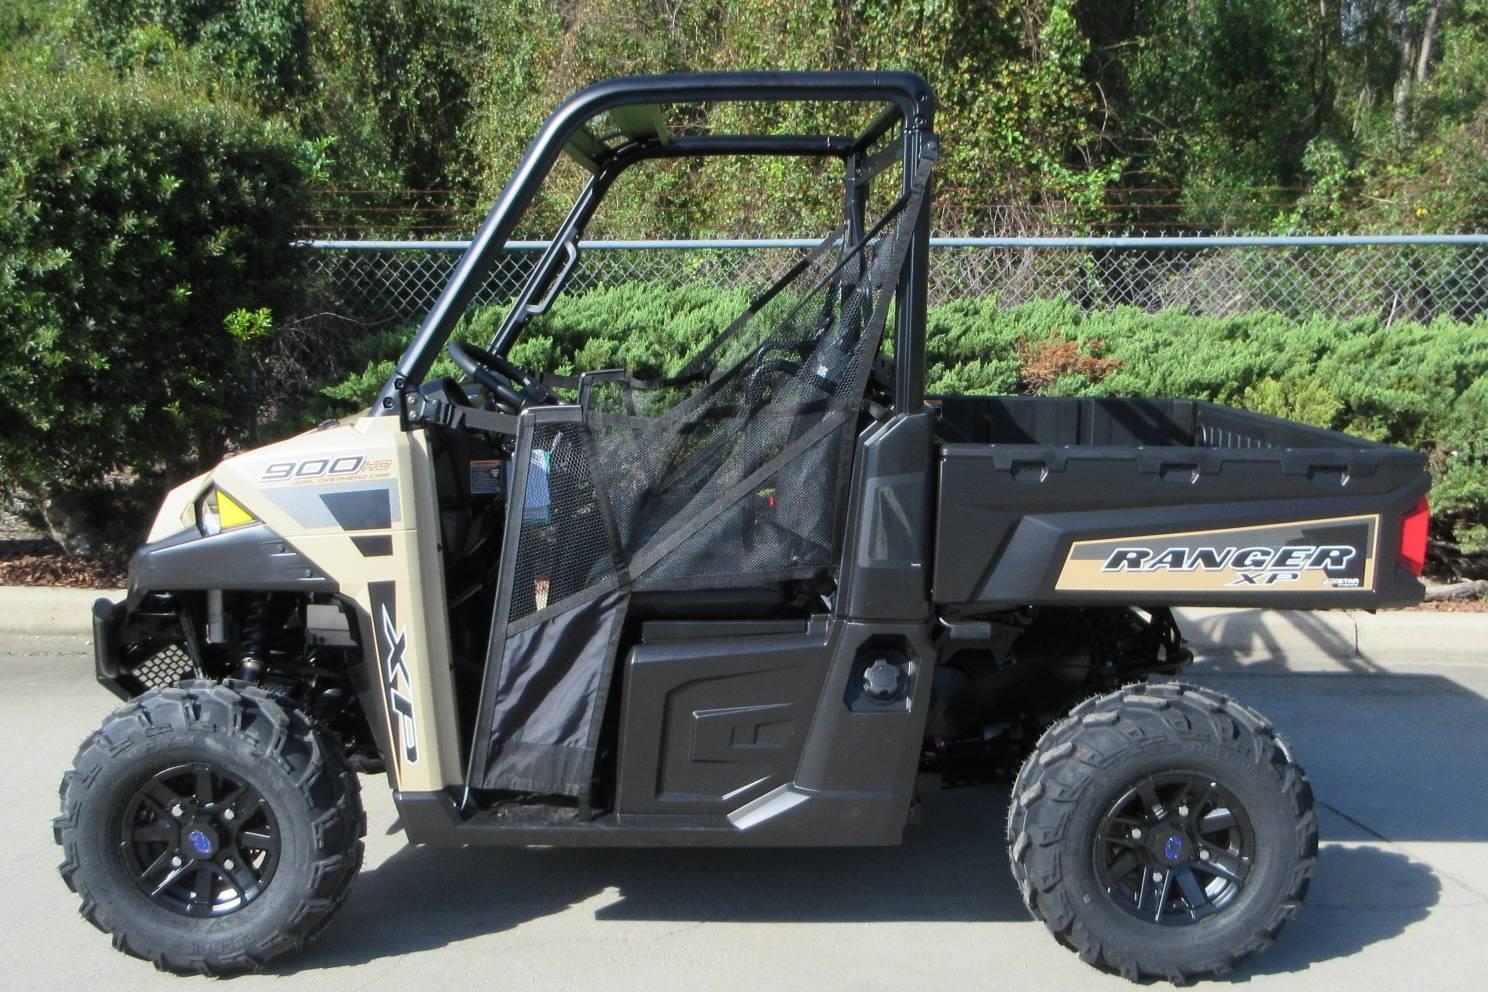 Factory Supplier Ranger XP 900 EPS UTV 13